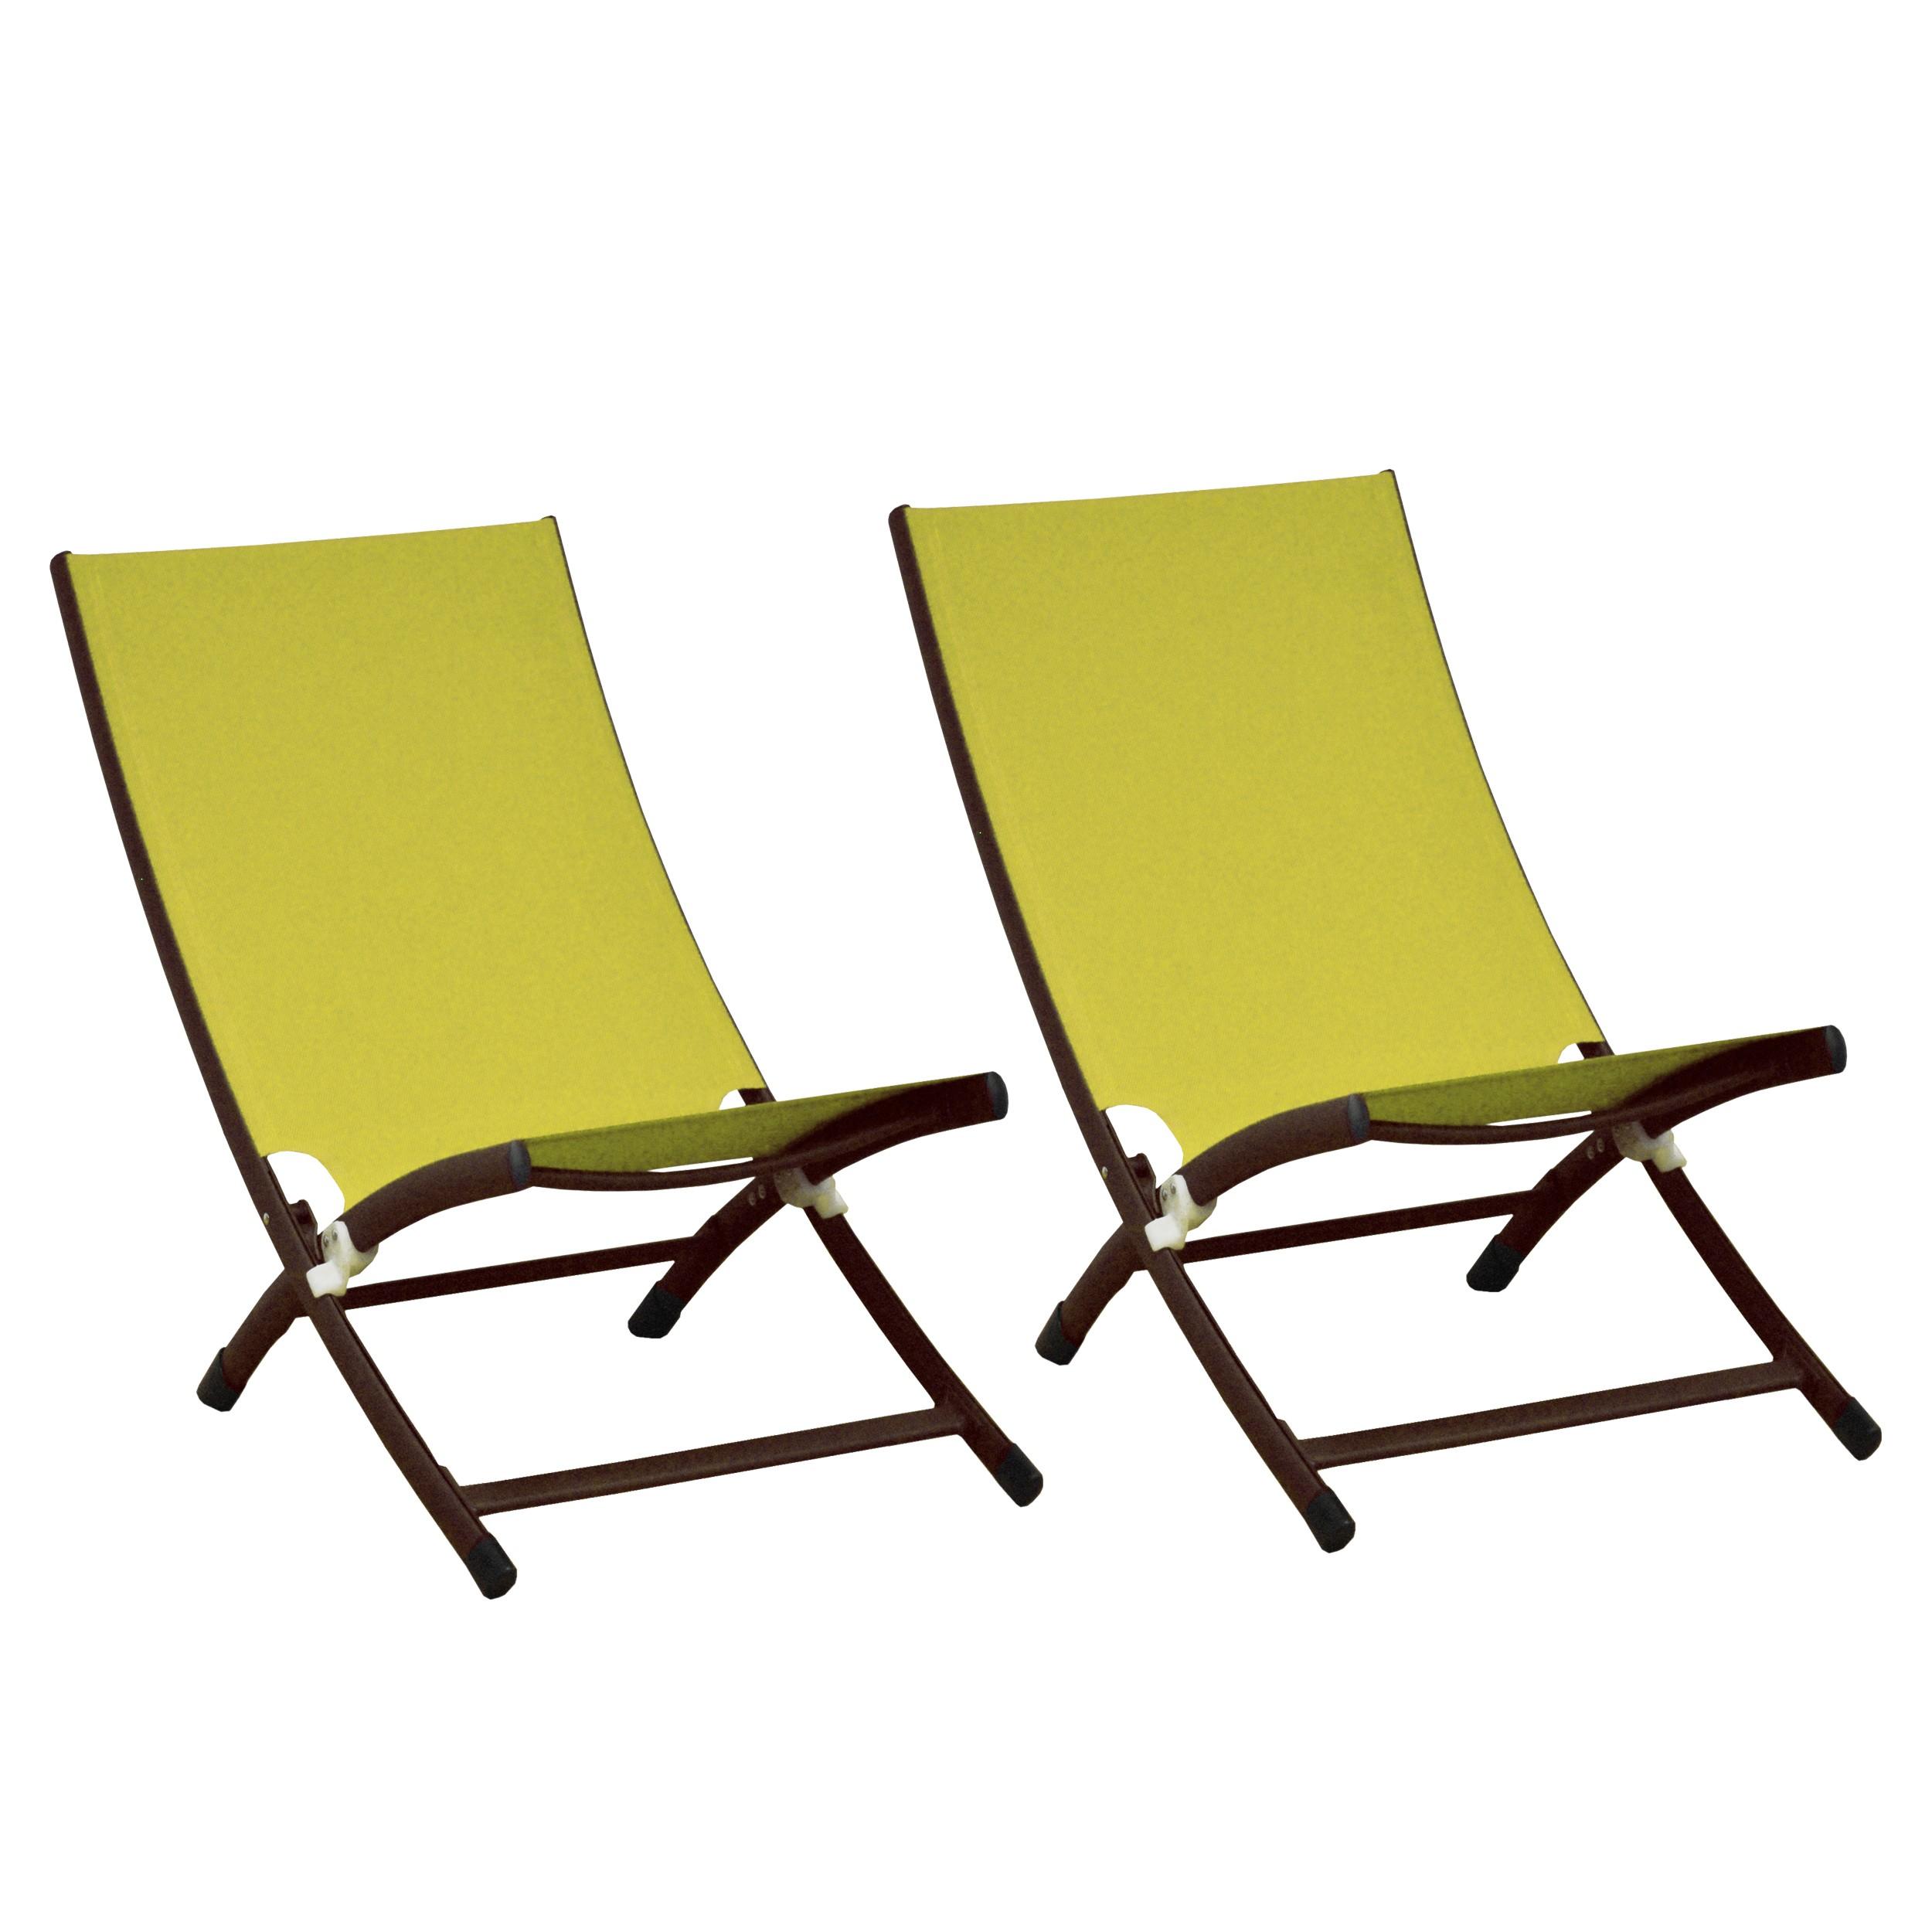 relax copacabana vert lot de 2 achetez nos relax copacabana vert design lot de 2 rdv d co. Black Bedroom Furniture Sets. Home Design Ideas